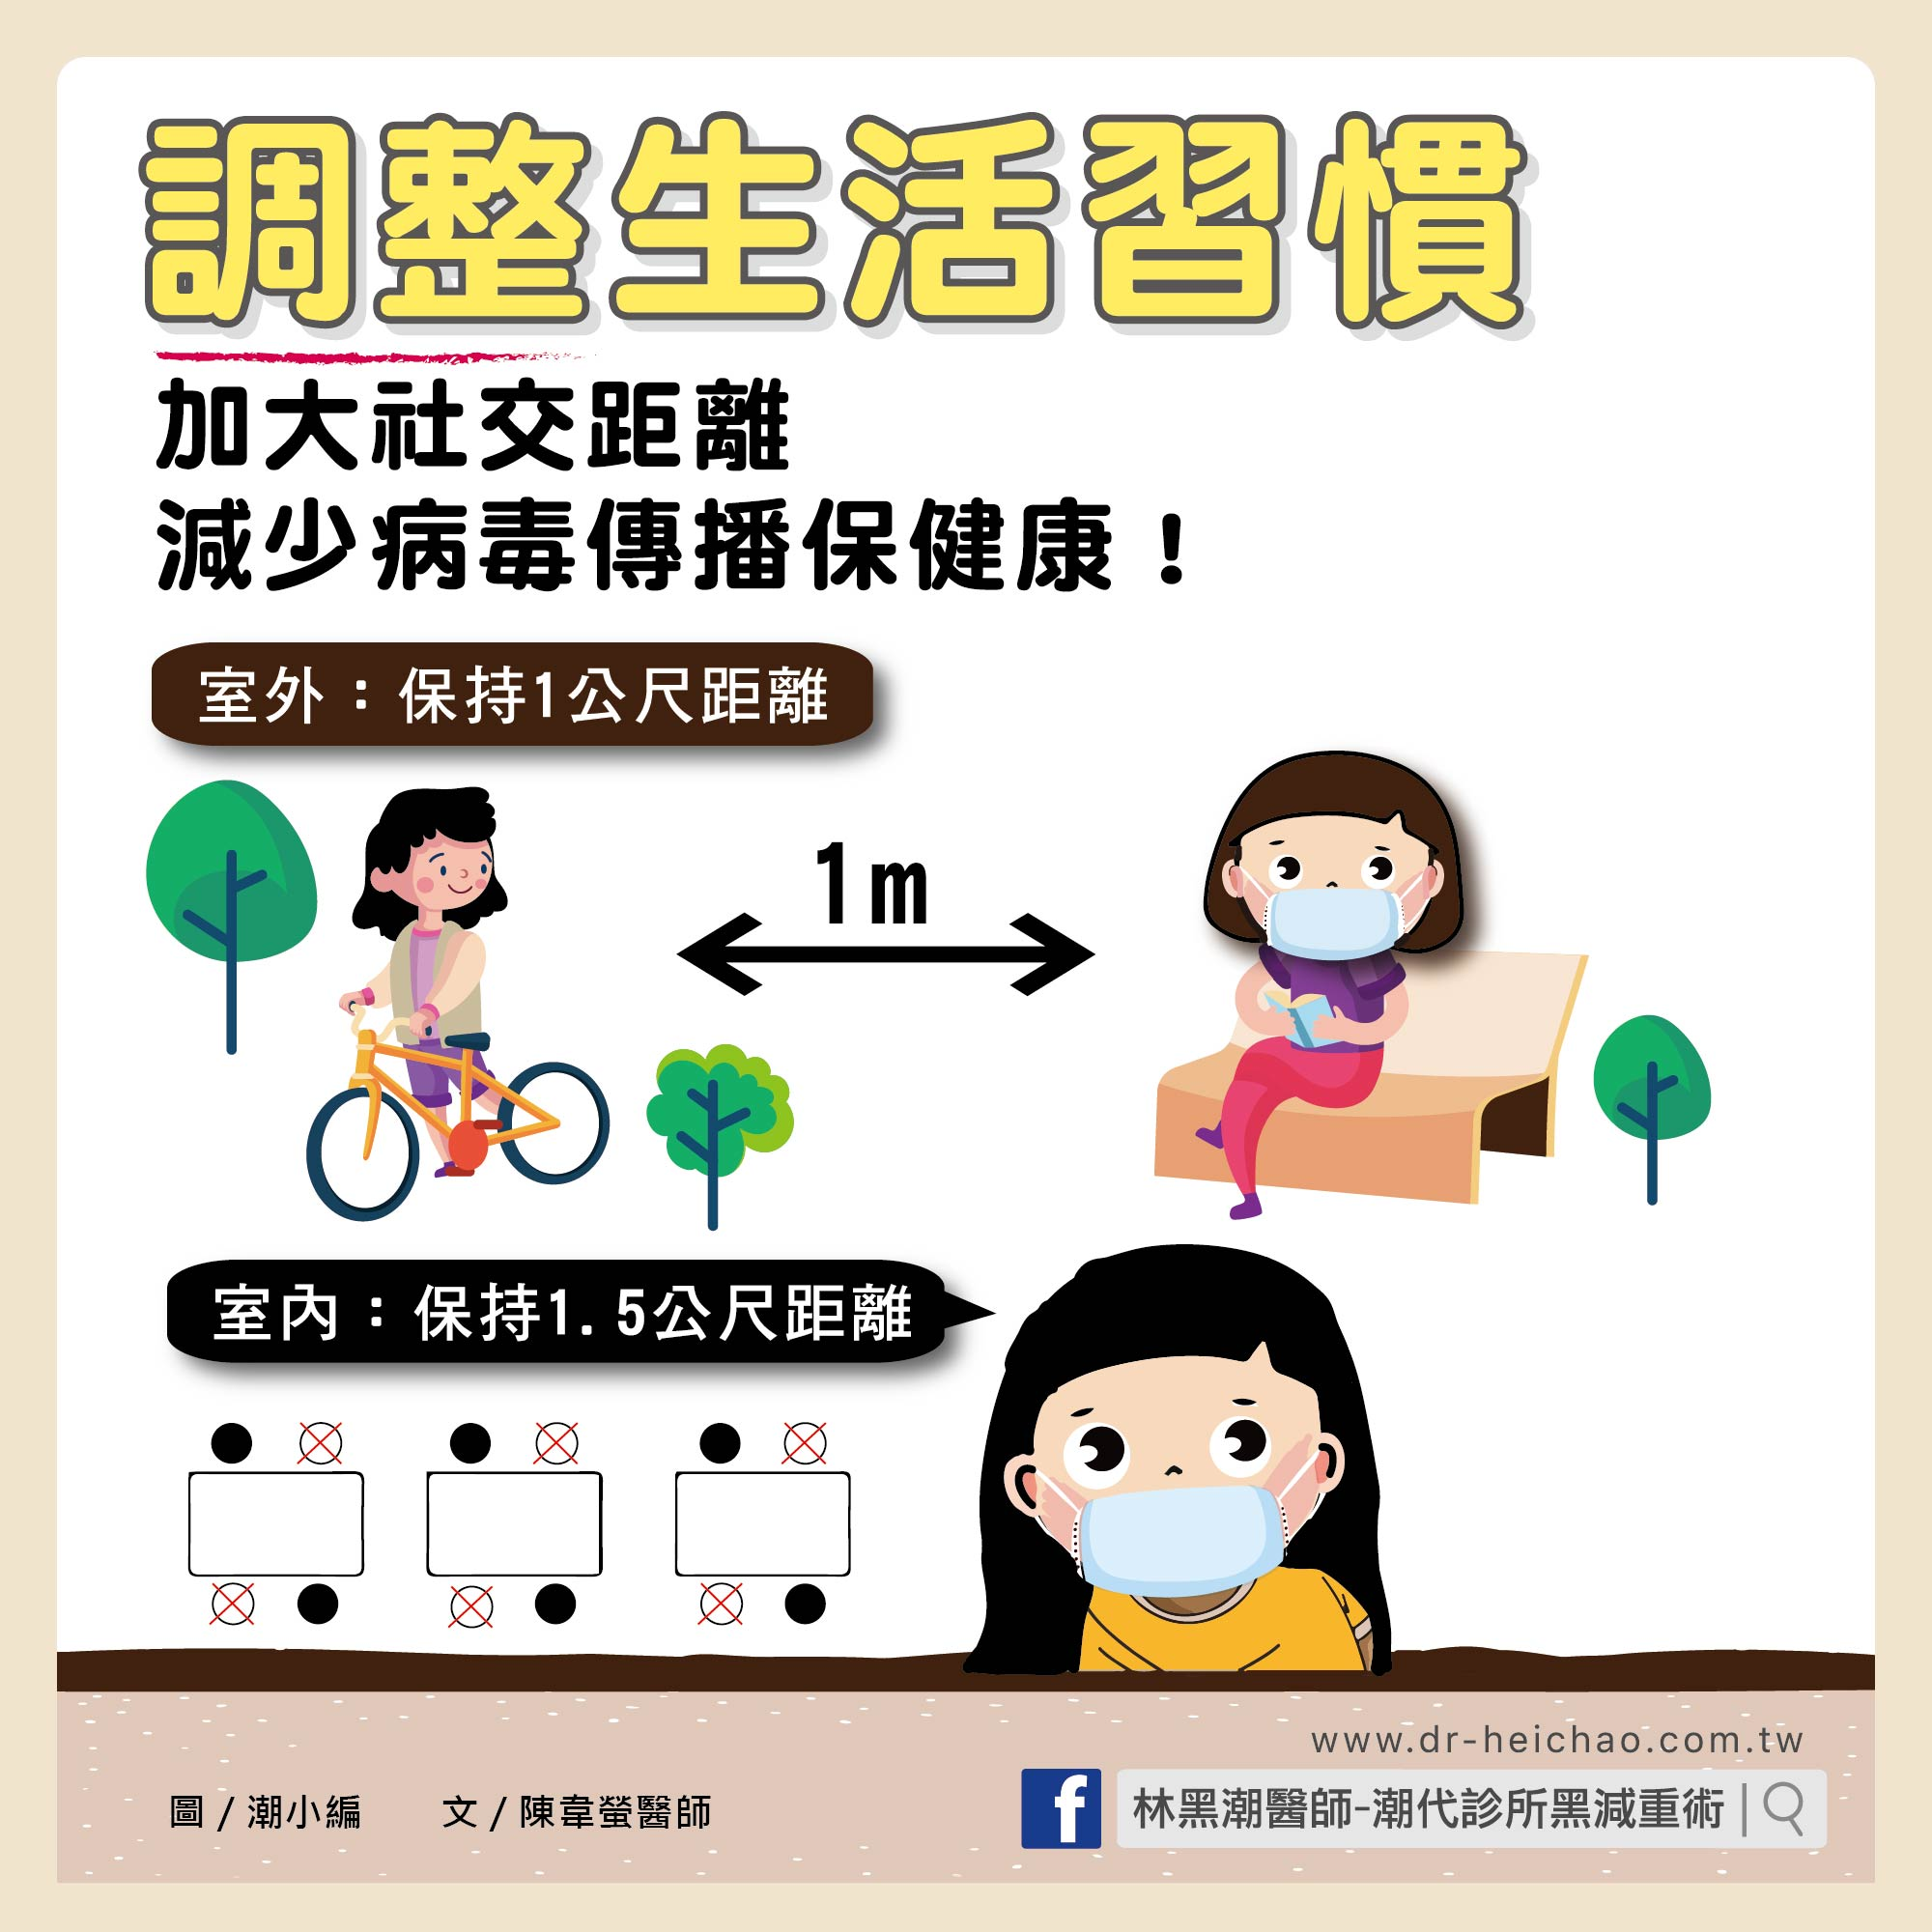 調整生活習慣 加大社交距離 減少病毒傳播保健康/文:陳韋螢醫師